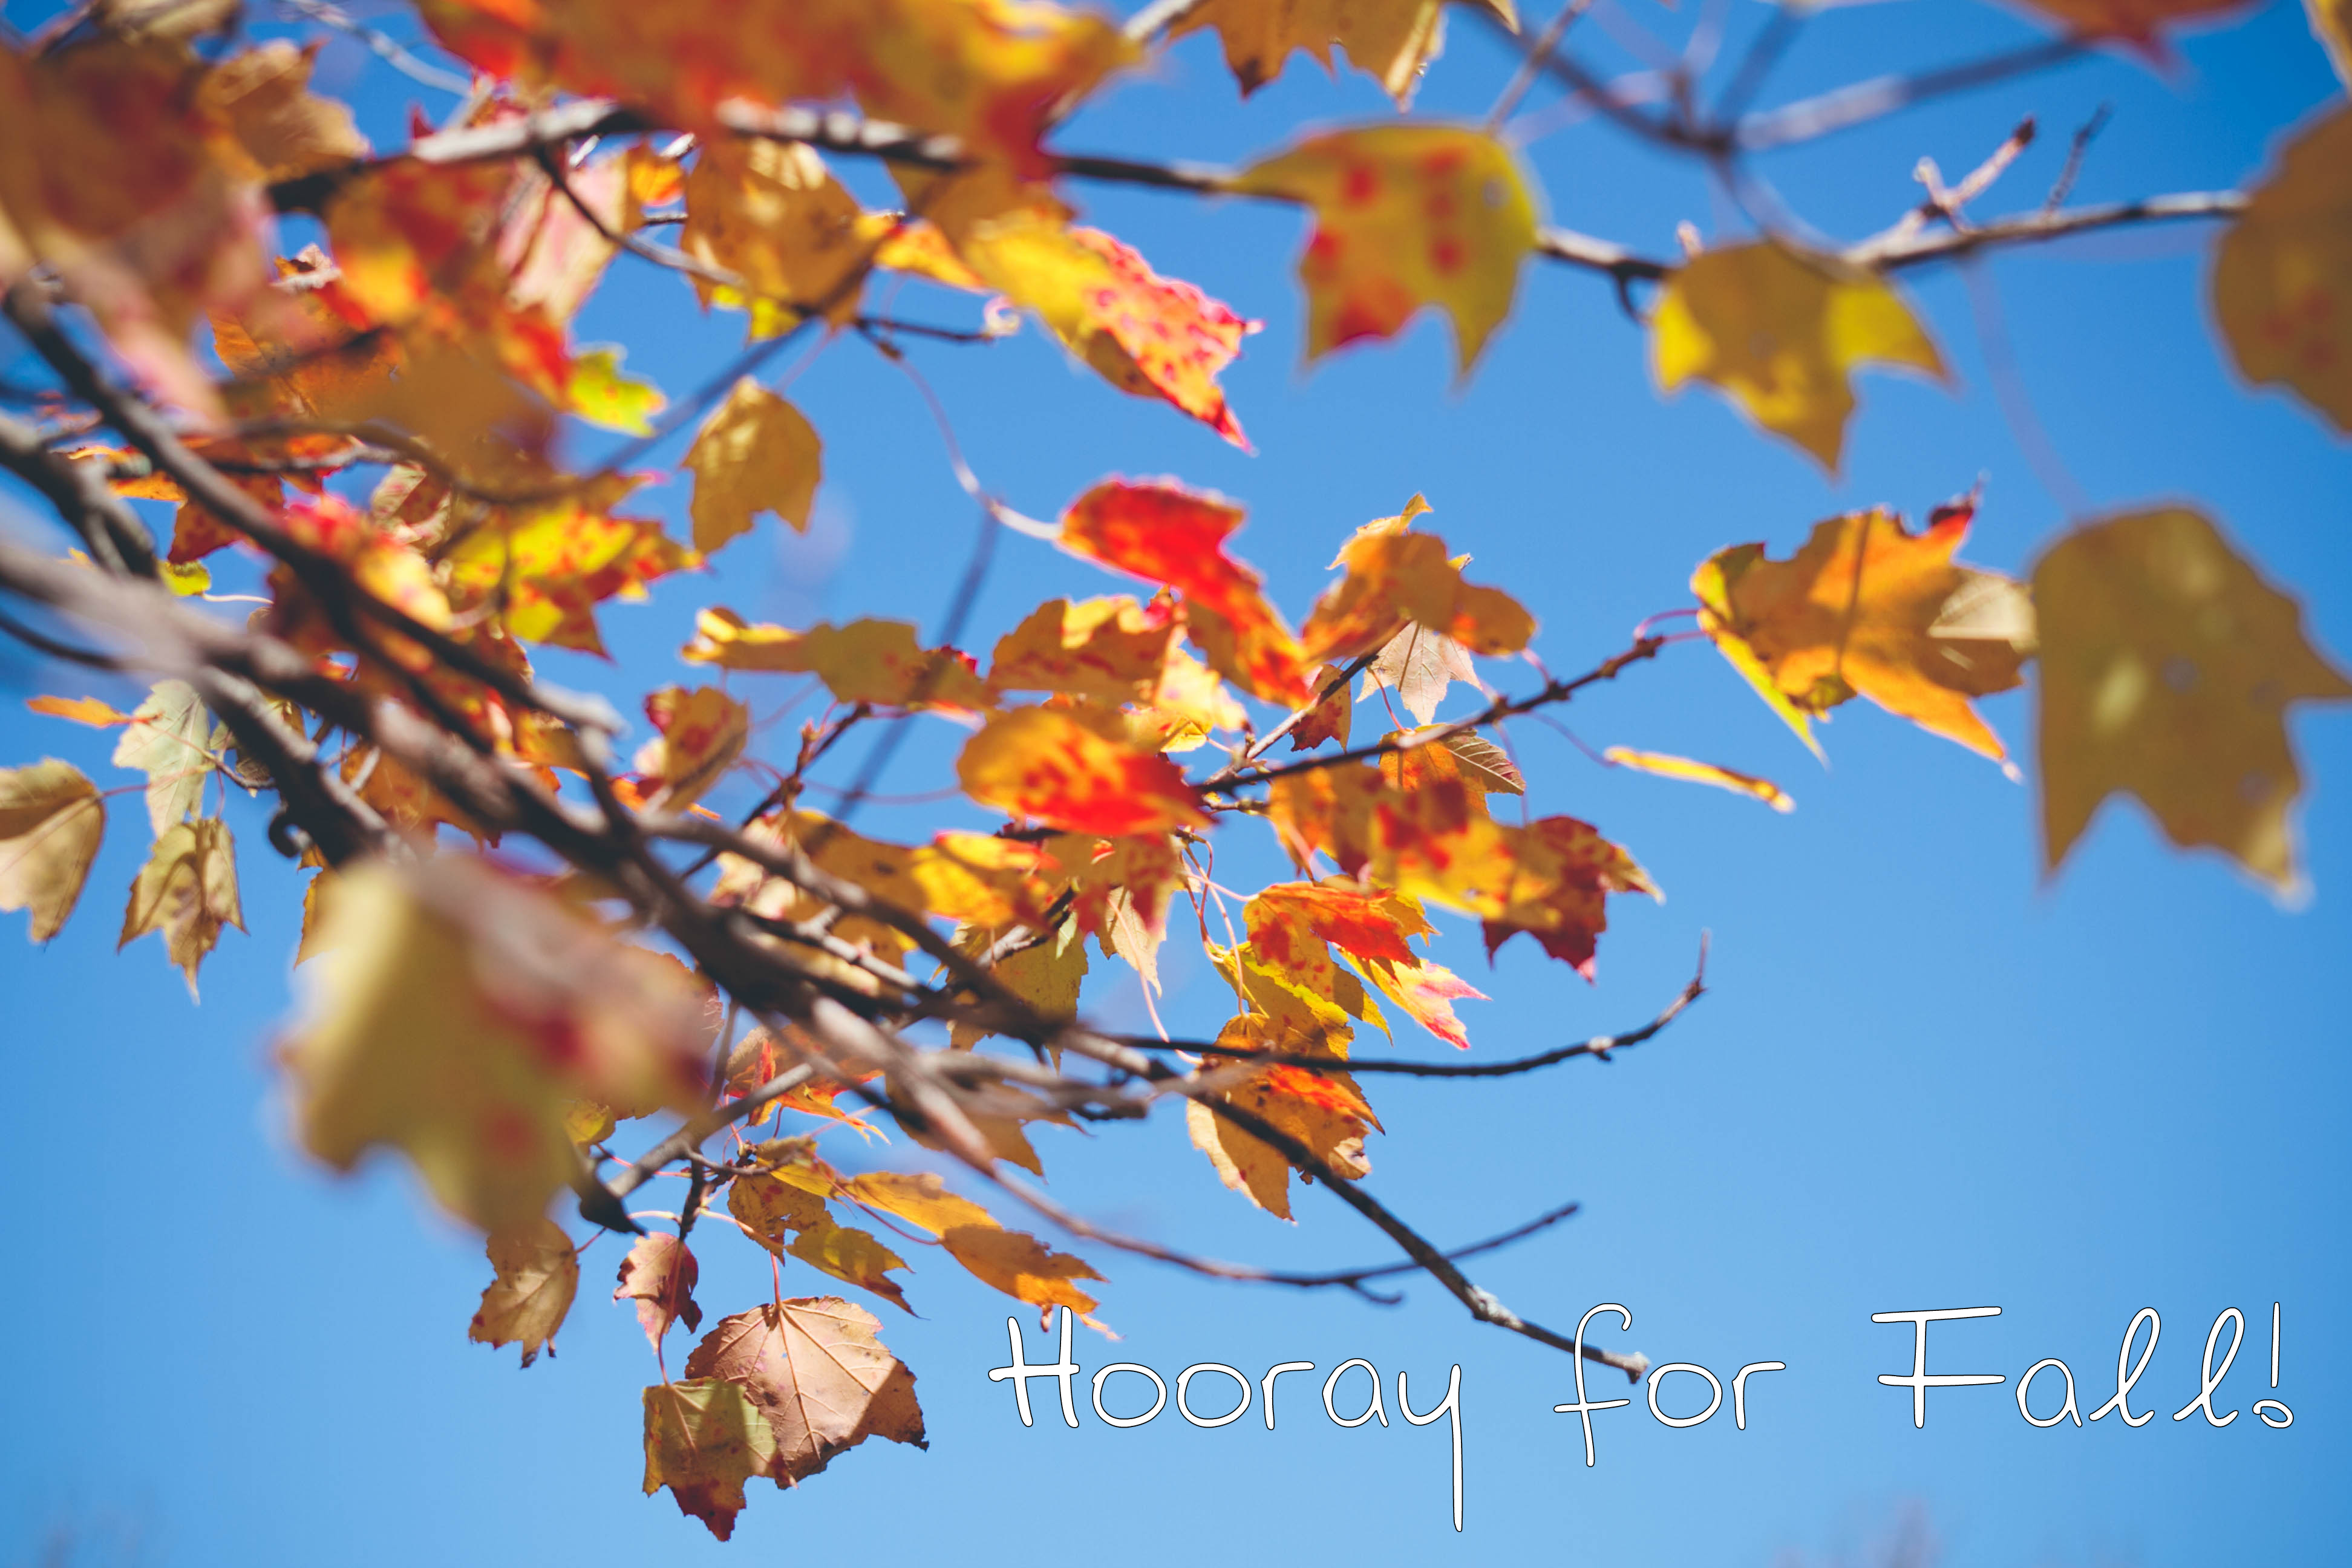 Hooray for Fall